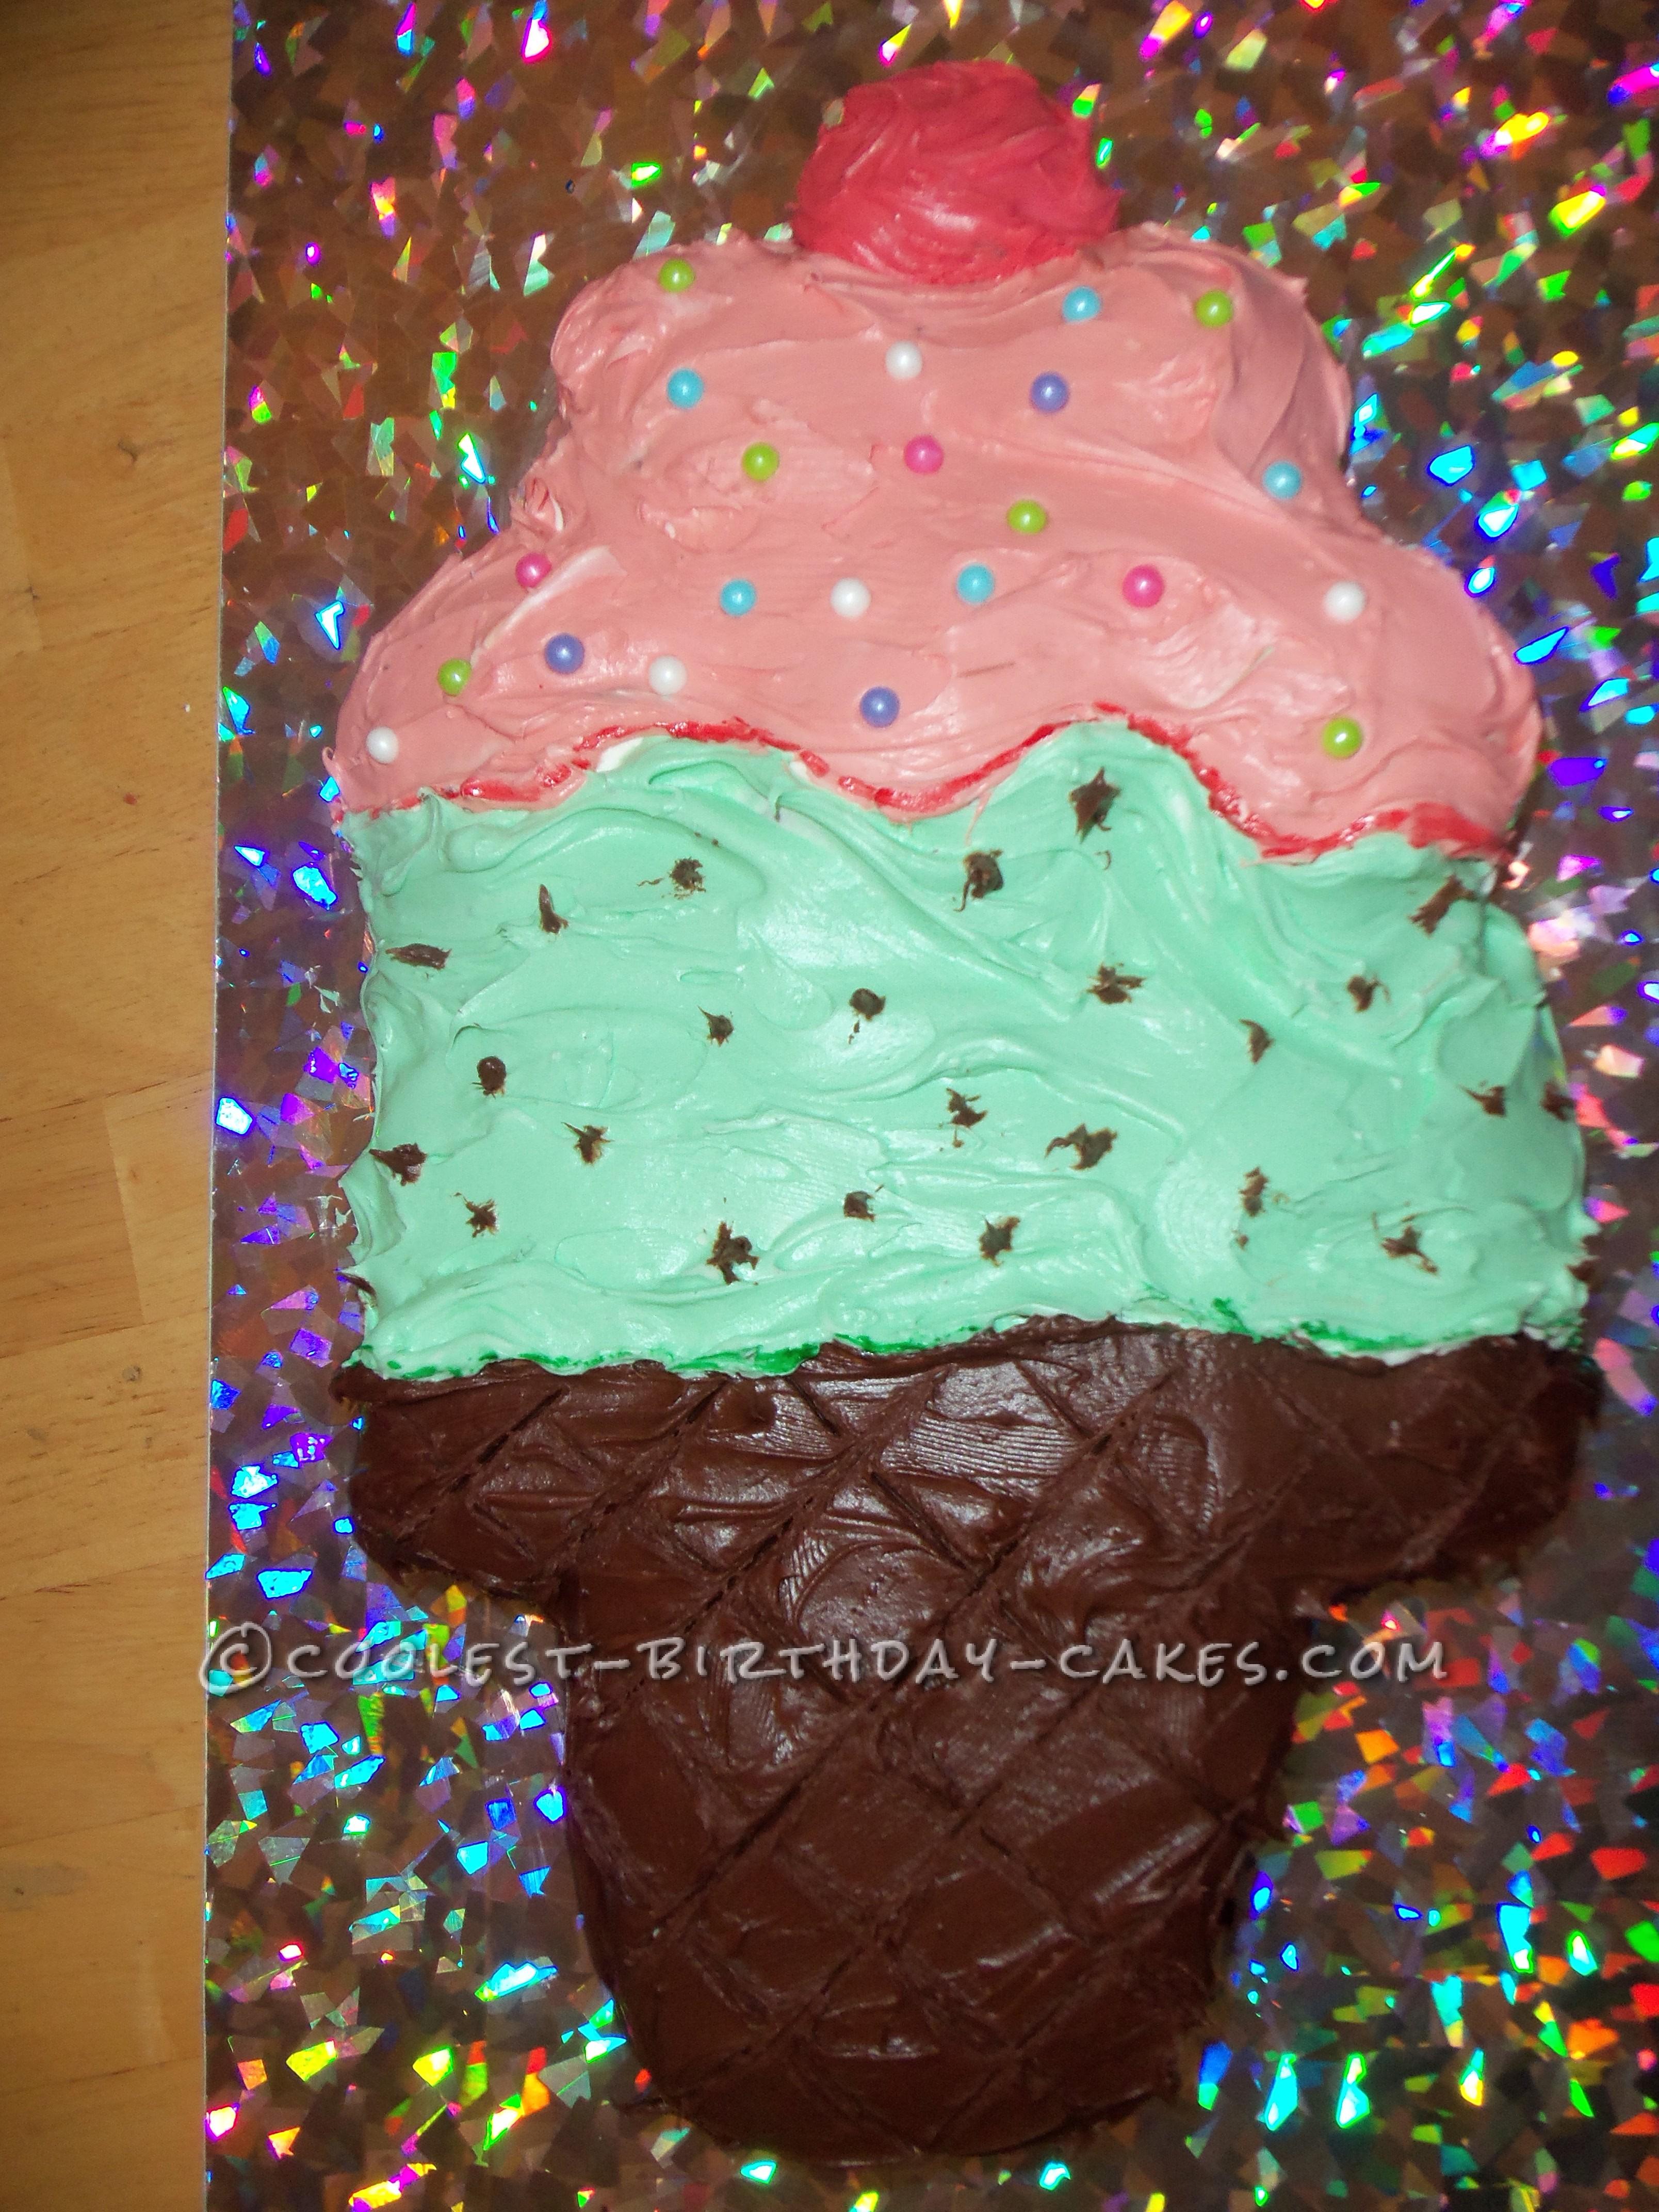 Cool Ice Cream Cake With No Ice Cream